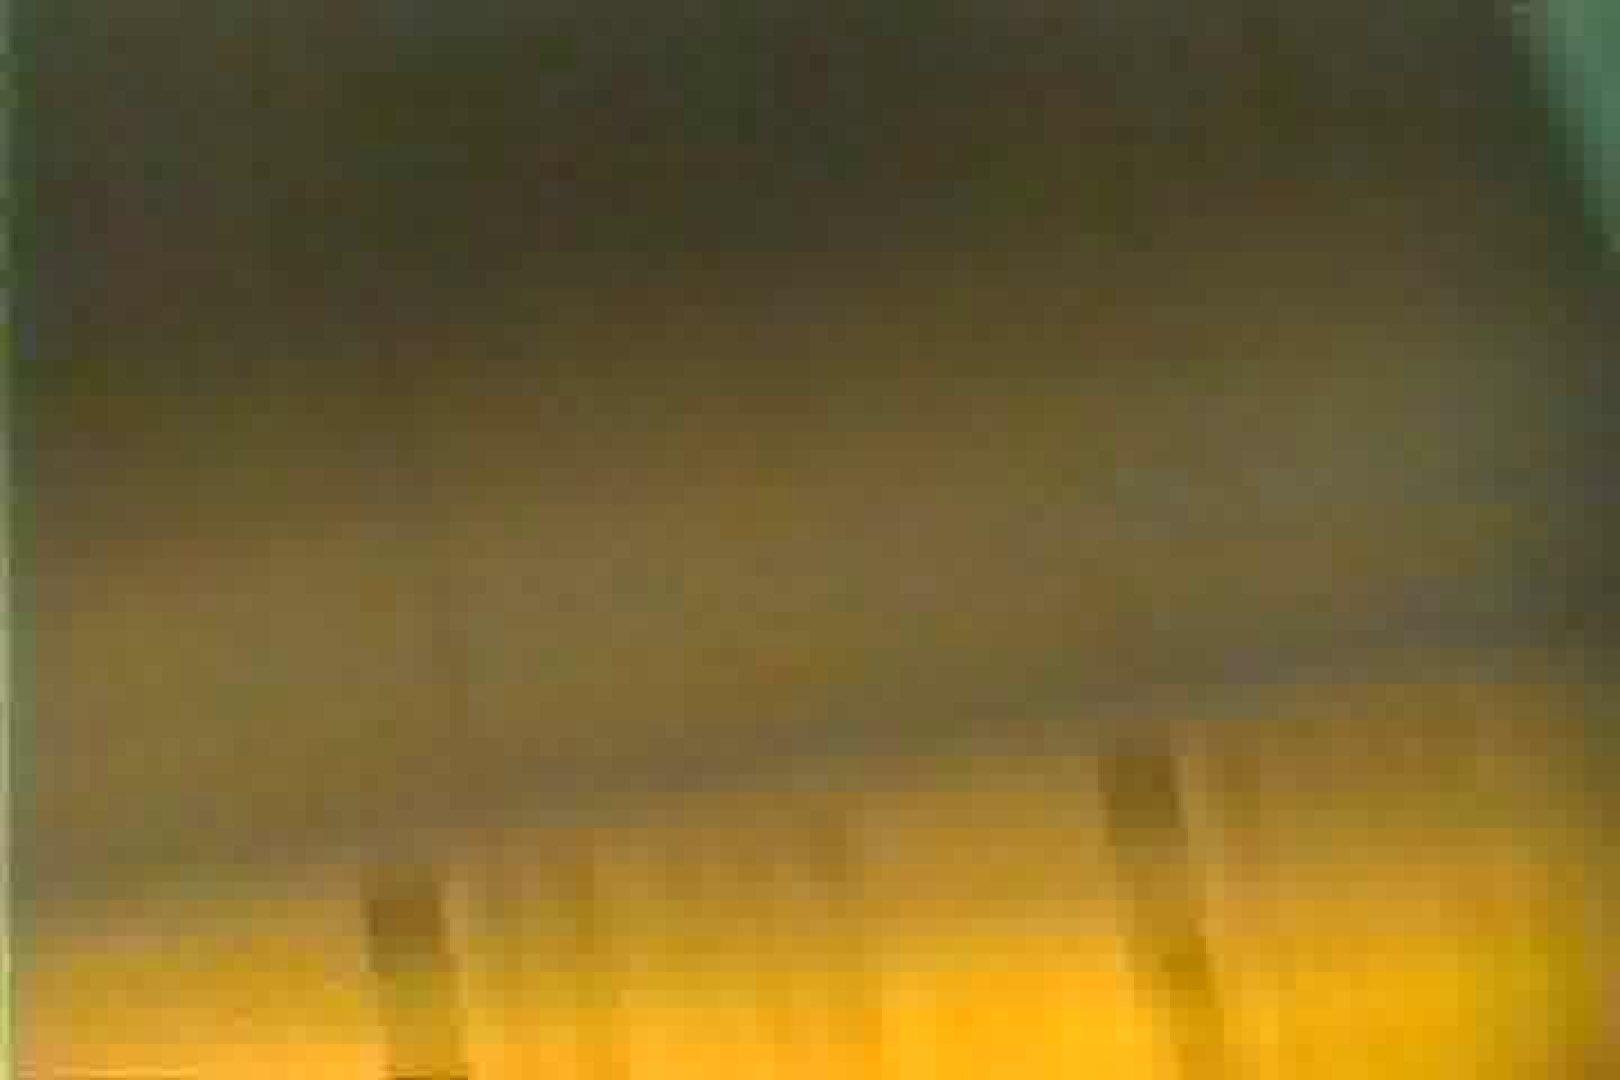 「ちくりん」さんのオリジナル未編集パンチラVol.9_02 エロティックなOL AV動画キャプチャ 95画像 95